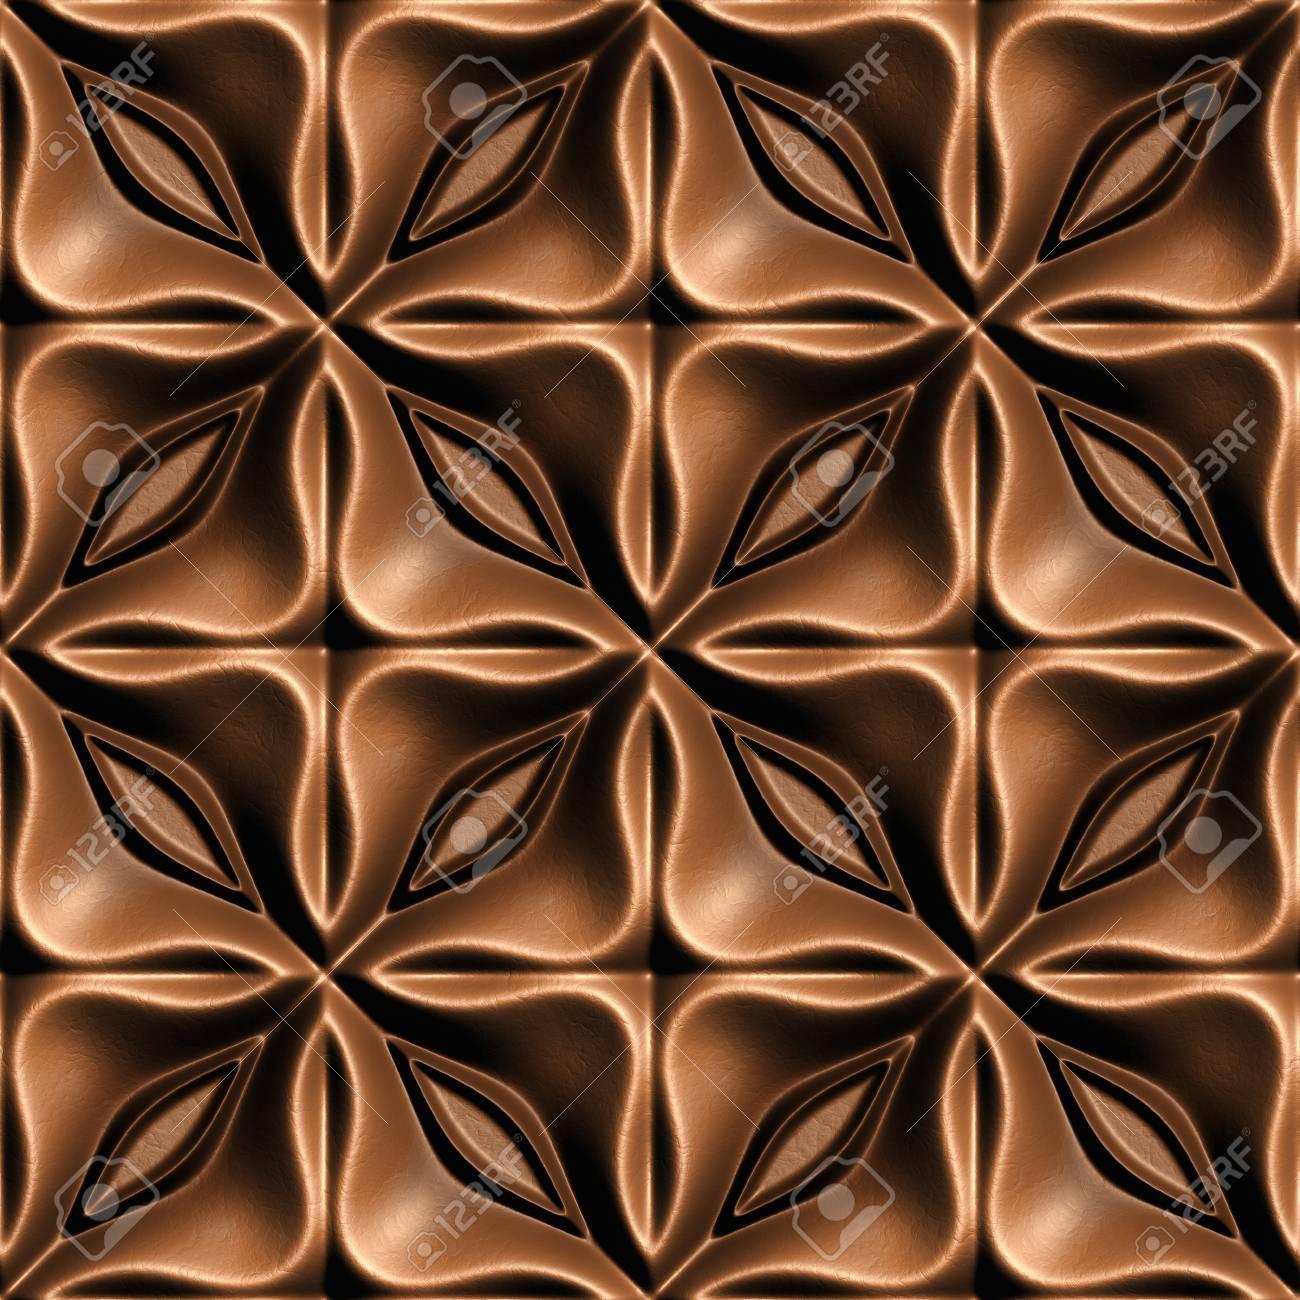 ブラウン肌イラスト、3 d のシームレスな背景パターン。 ロイヤリティー